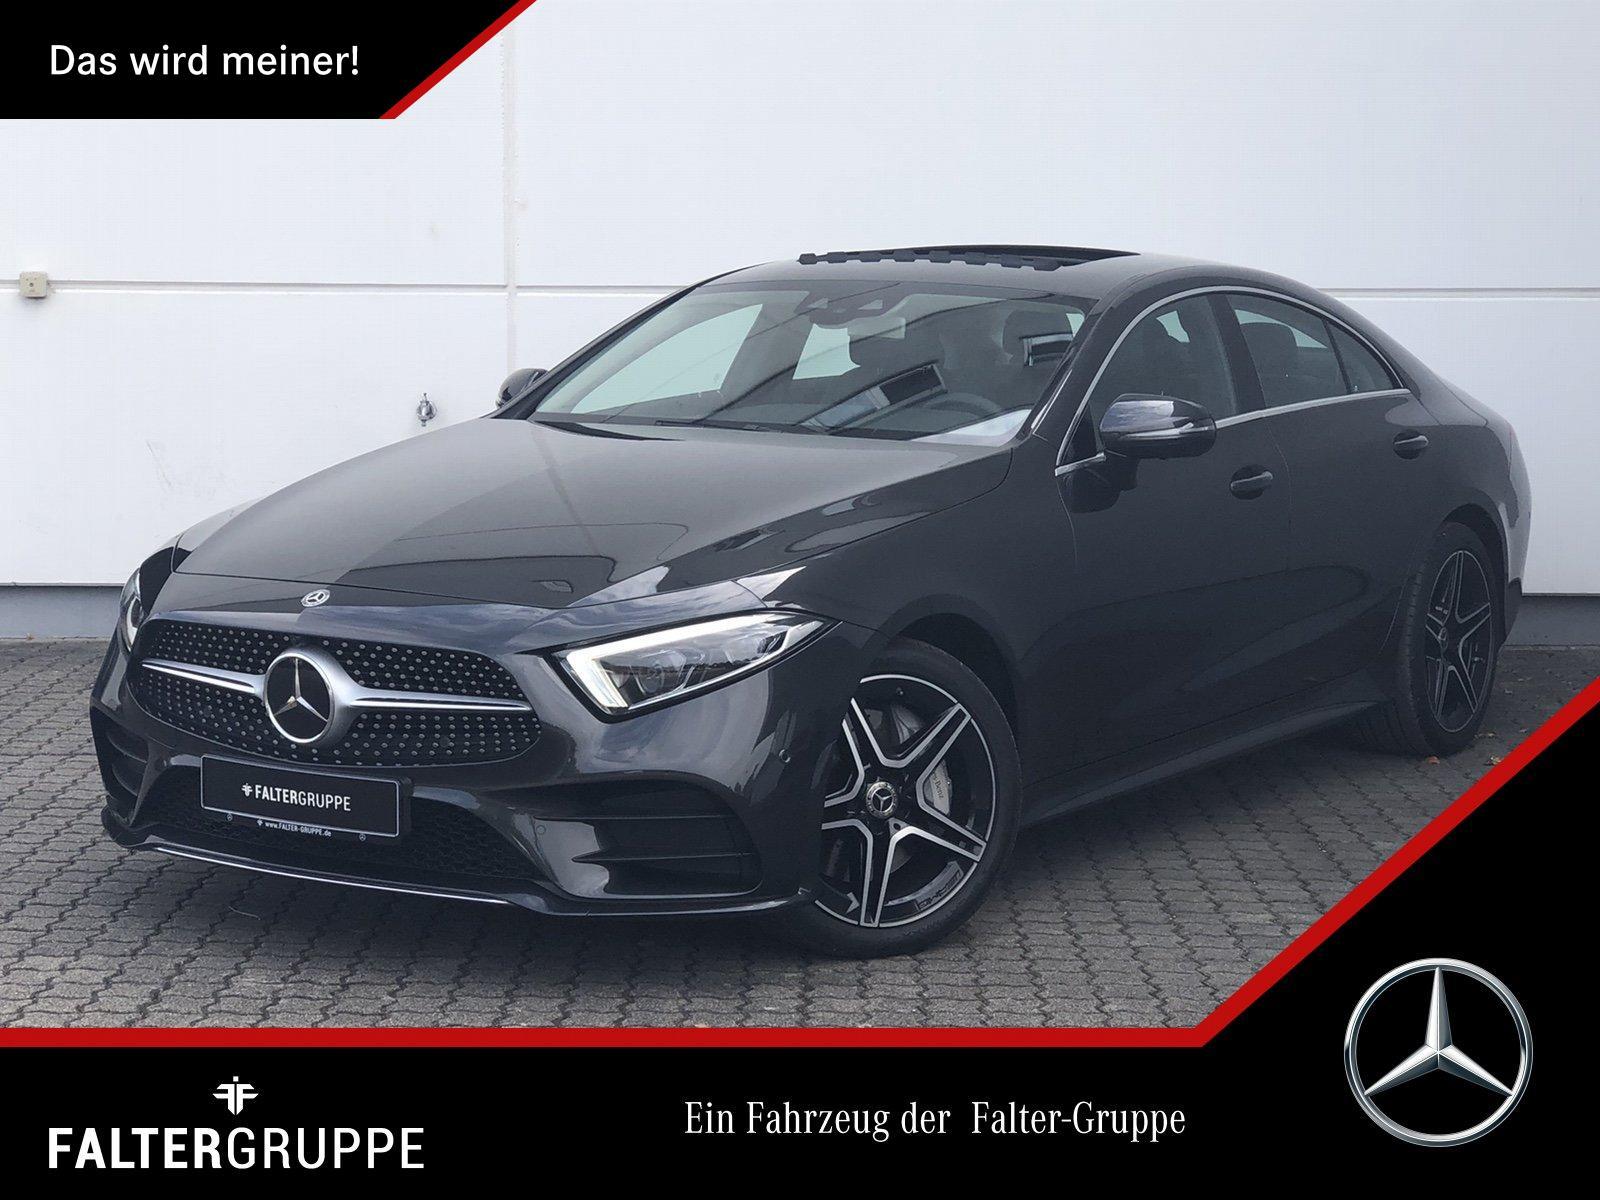 Mercedes-Benz CLS 450 AMG Widesrn DISTRO Memo GSD 360°MLED DAB, Jahr 2019, Benzin